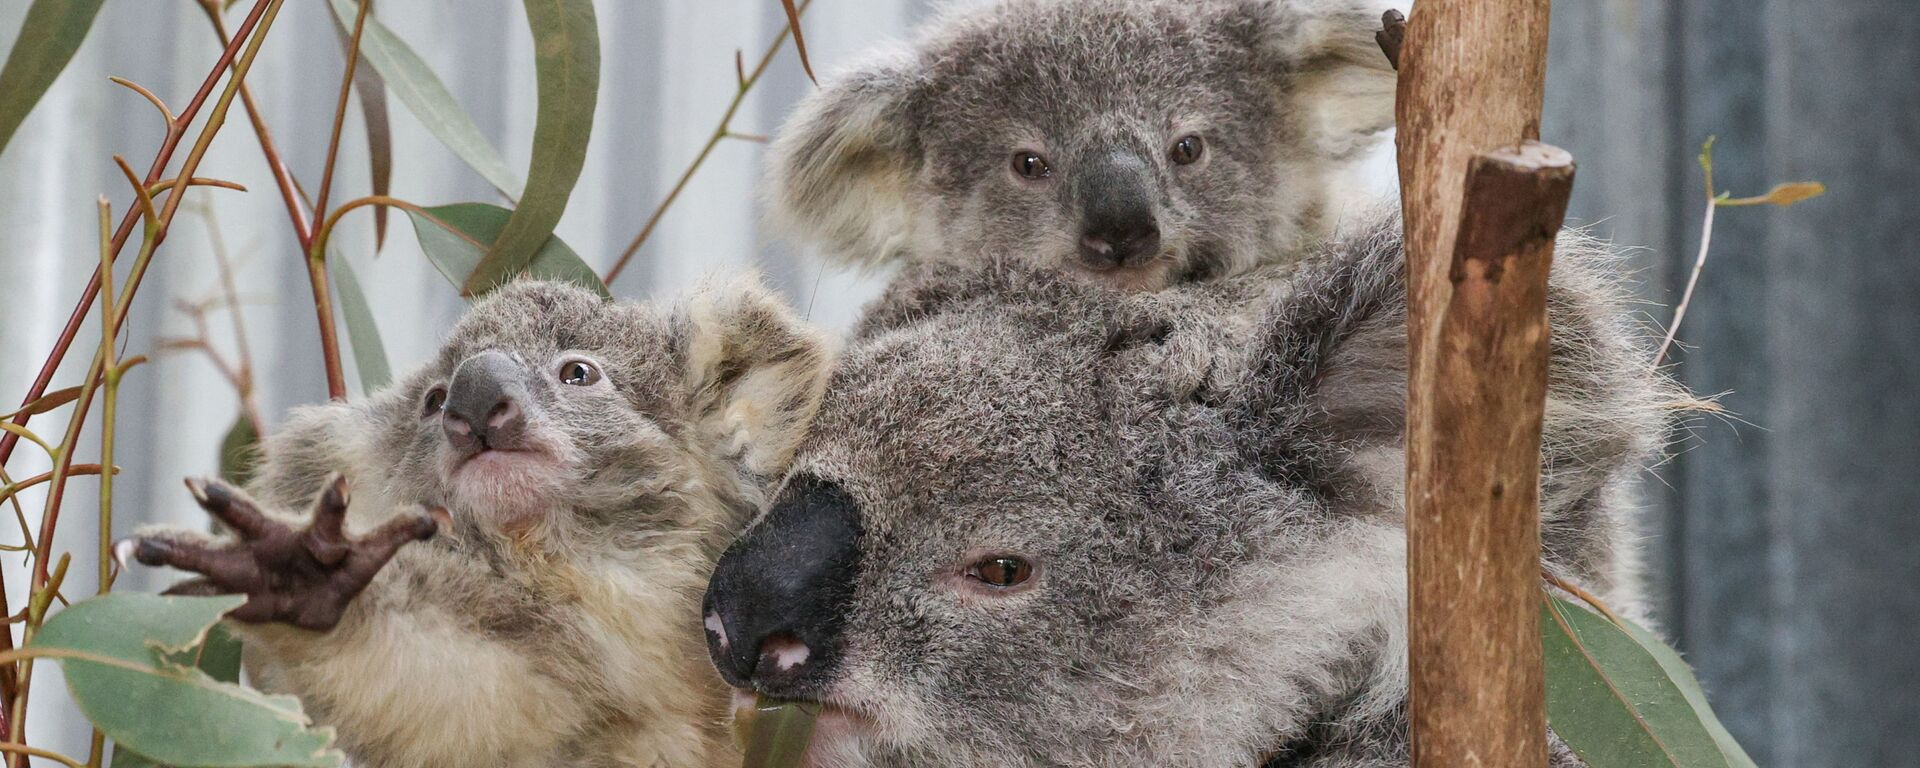 Un koala con cuccioli salvati dagli incendi forestali. - Sputnik Italia, 1920, 19.10.2020